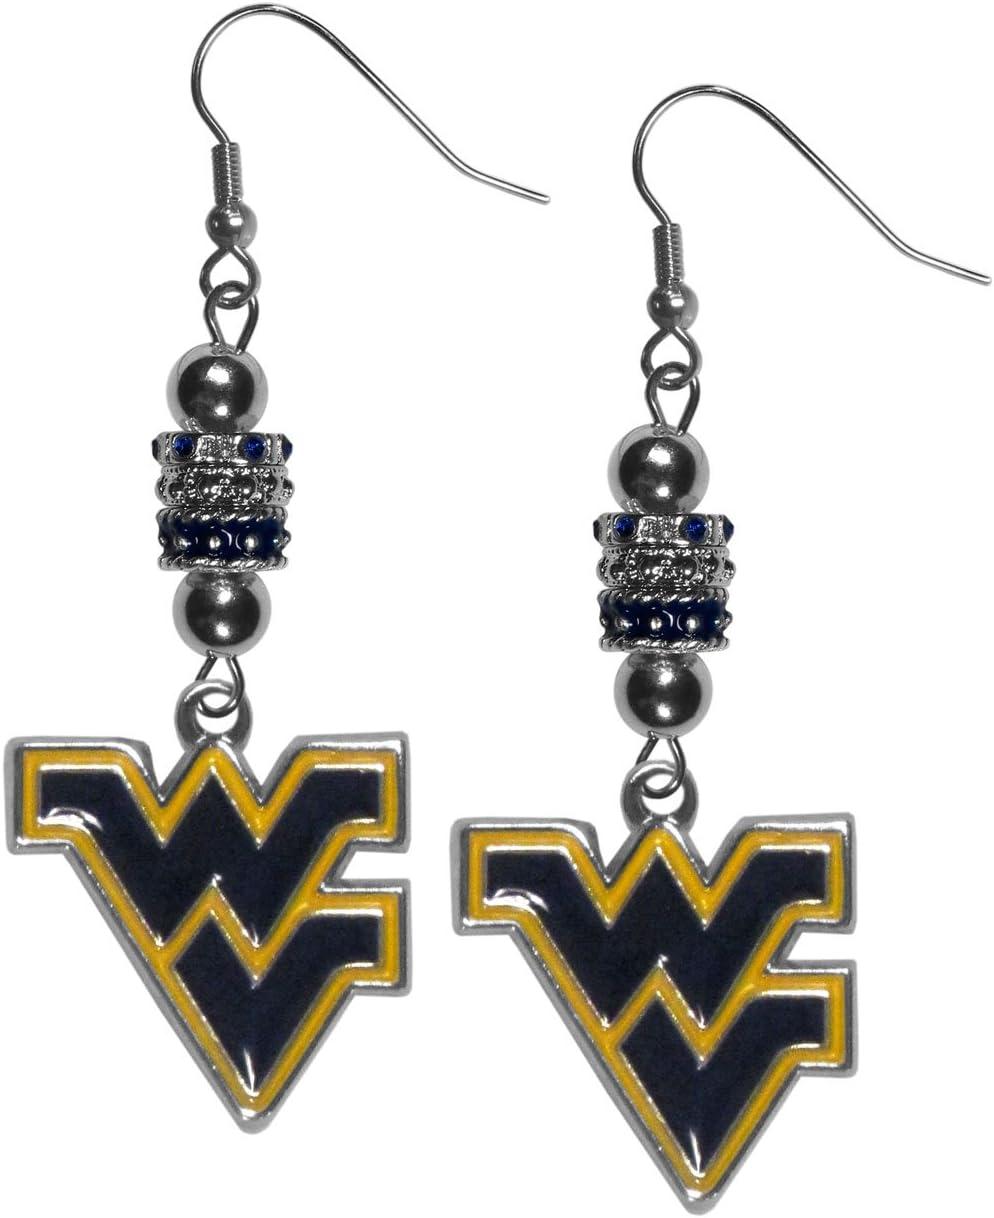 Siskiyou NCAA Womens Euro Bead Earrings